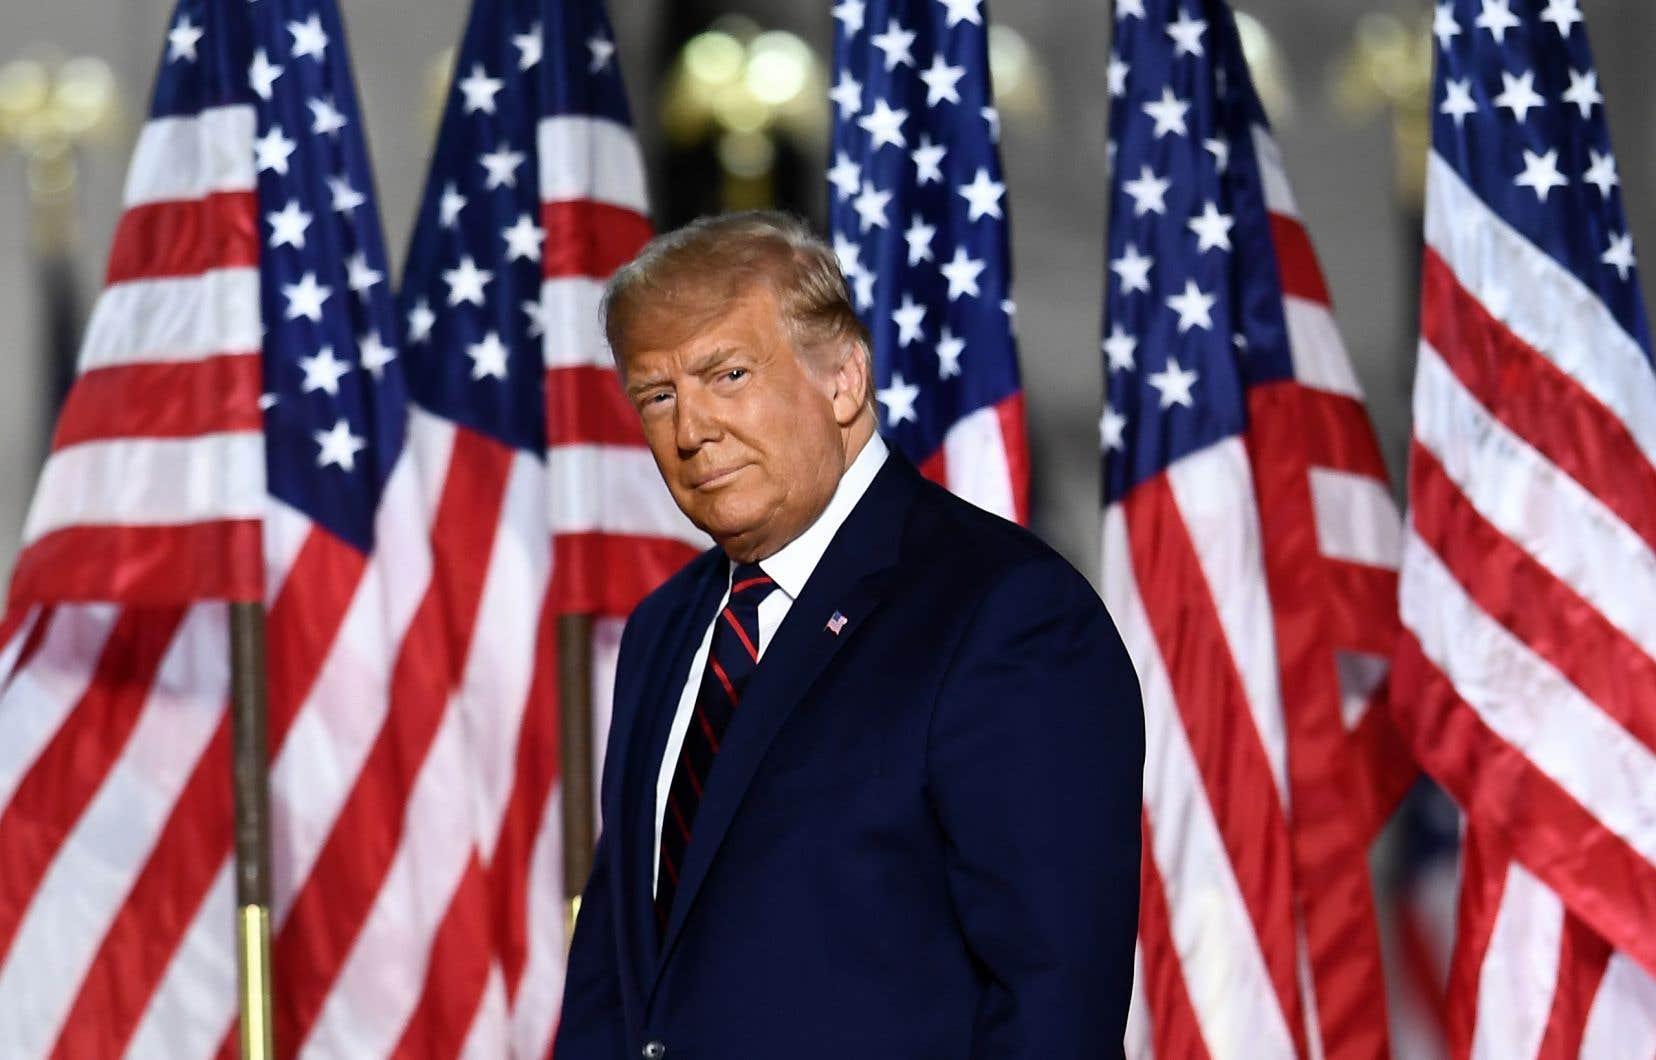 Les drapeaux suscitent passions et tensions et rassemblent les foules partout sur la planète. Sur la photo, Donald Trump lors de la convention nationale du Parti républicain, le 27août.